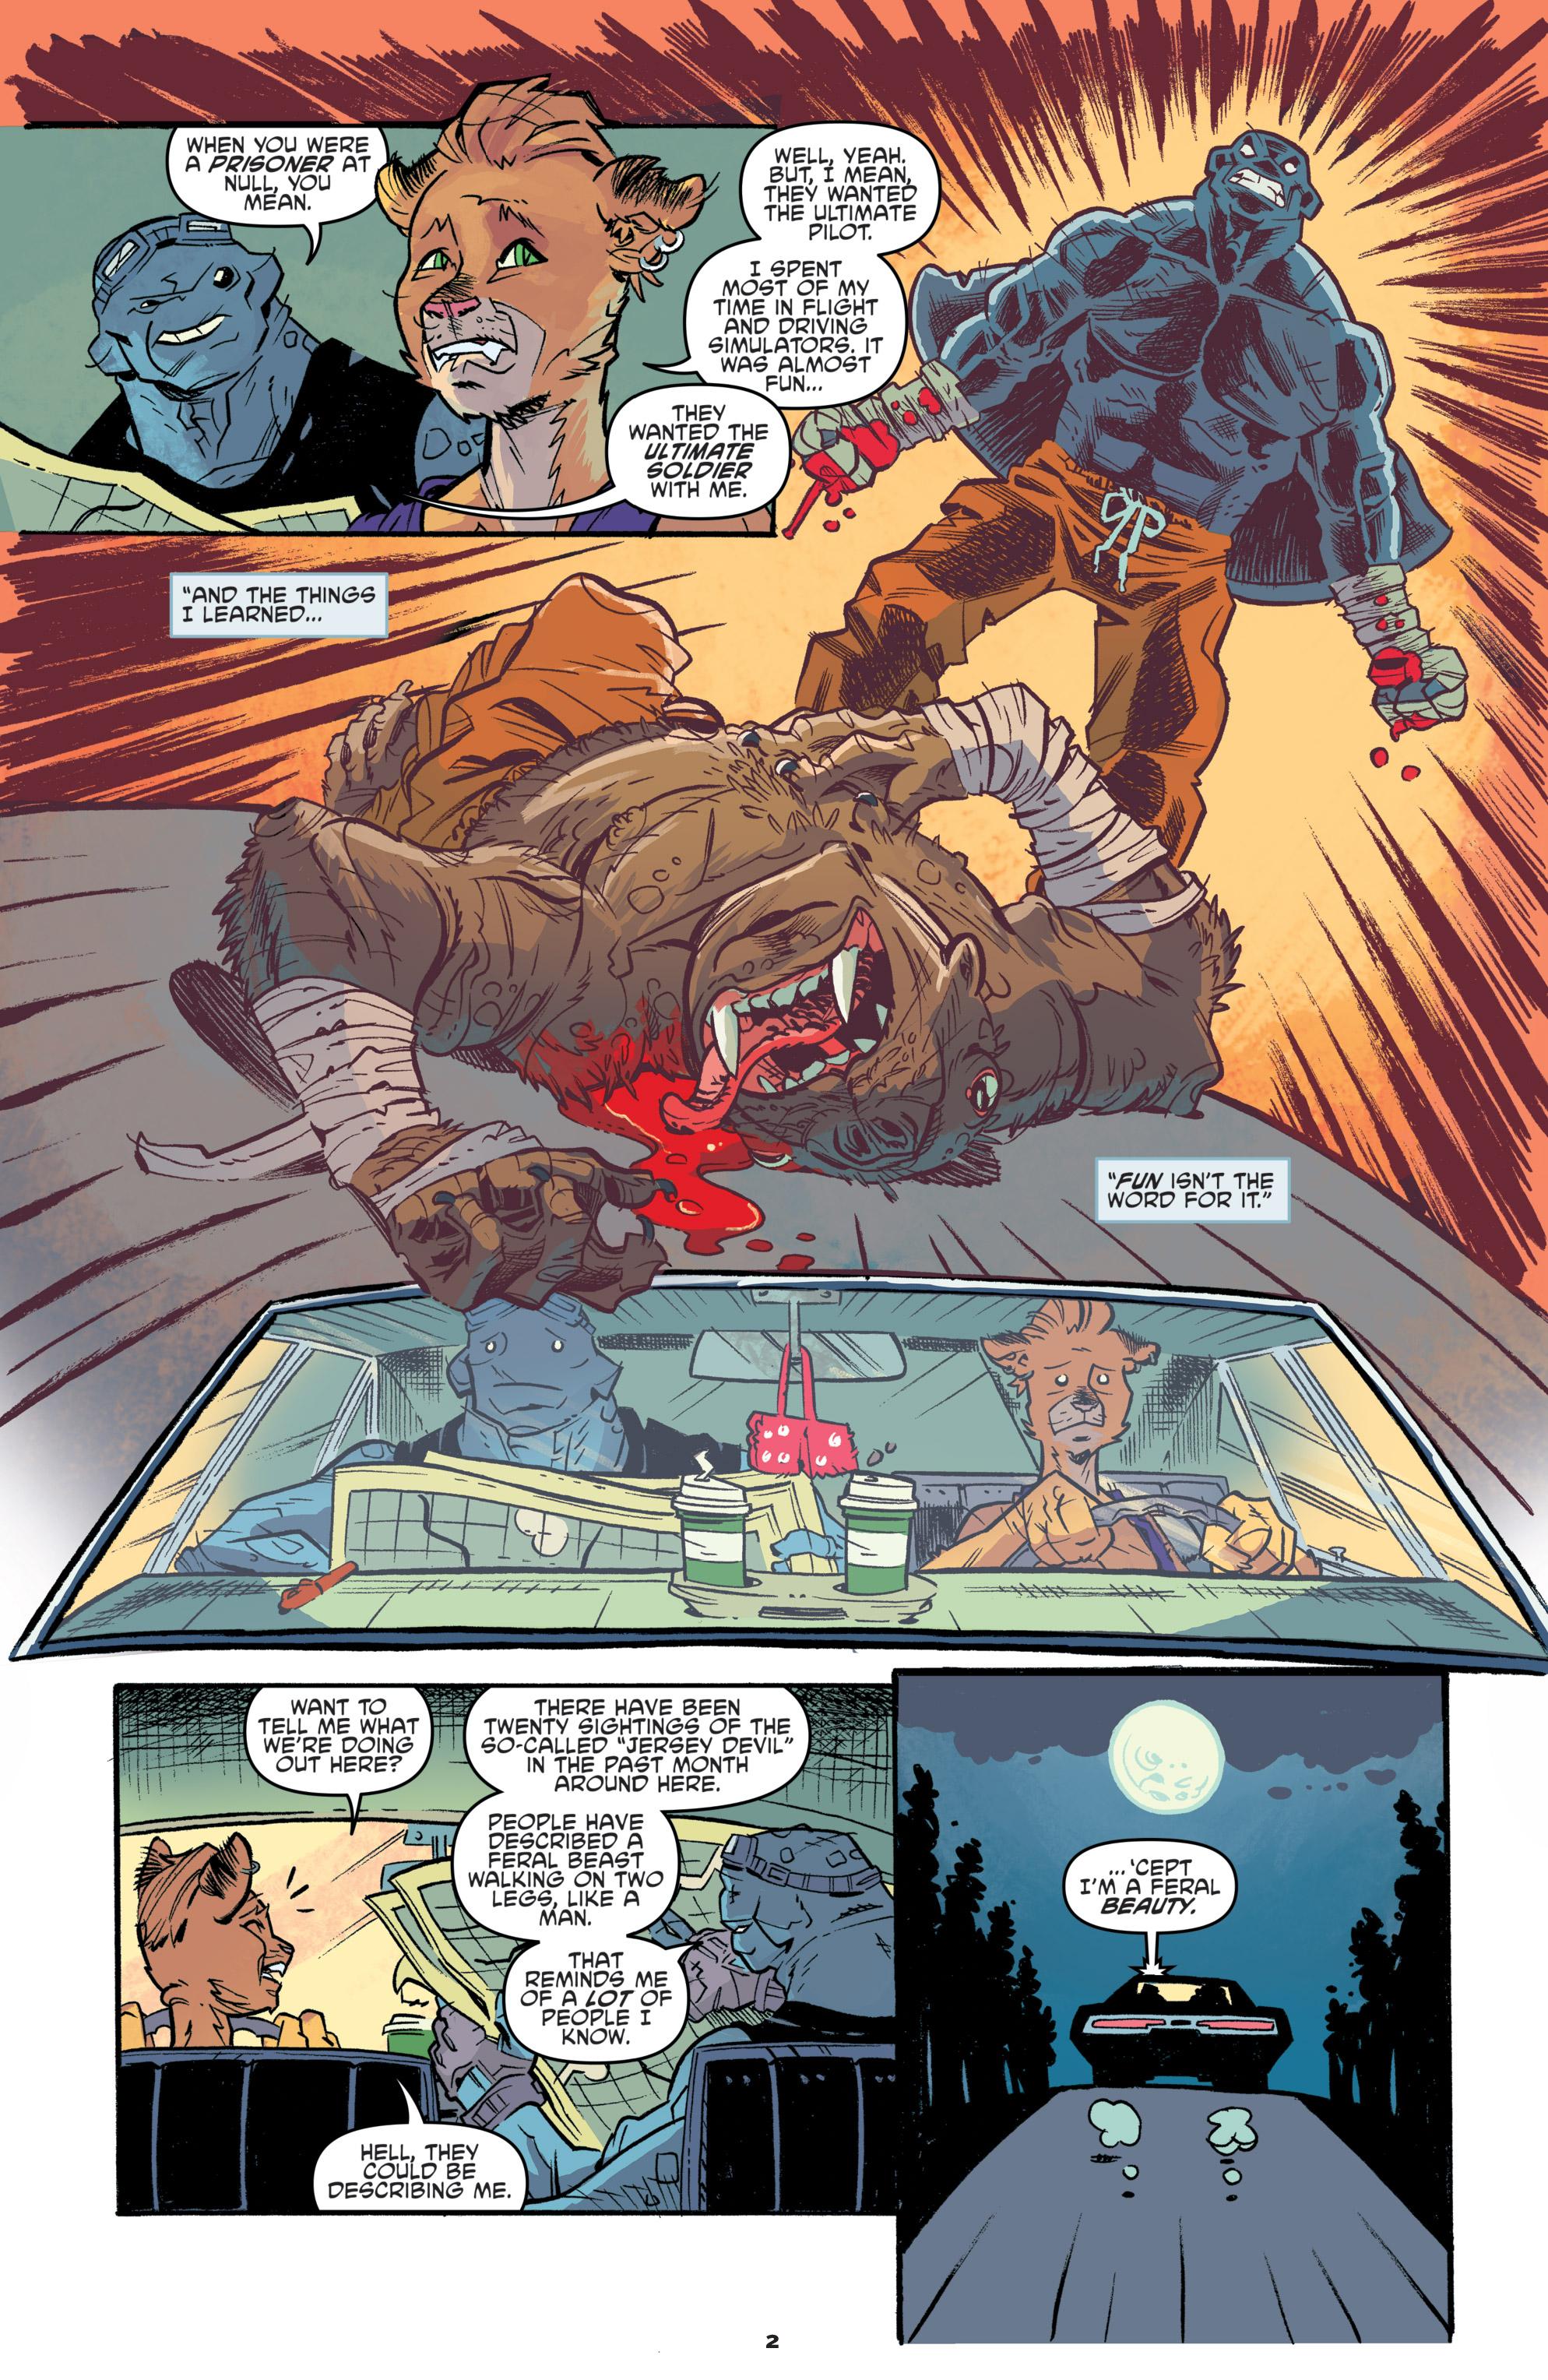 Read online Teenage Mutant Ninja Turtles Universe comic -  Issue #11 - 4